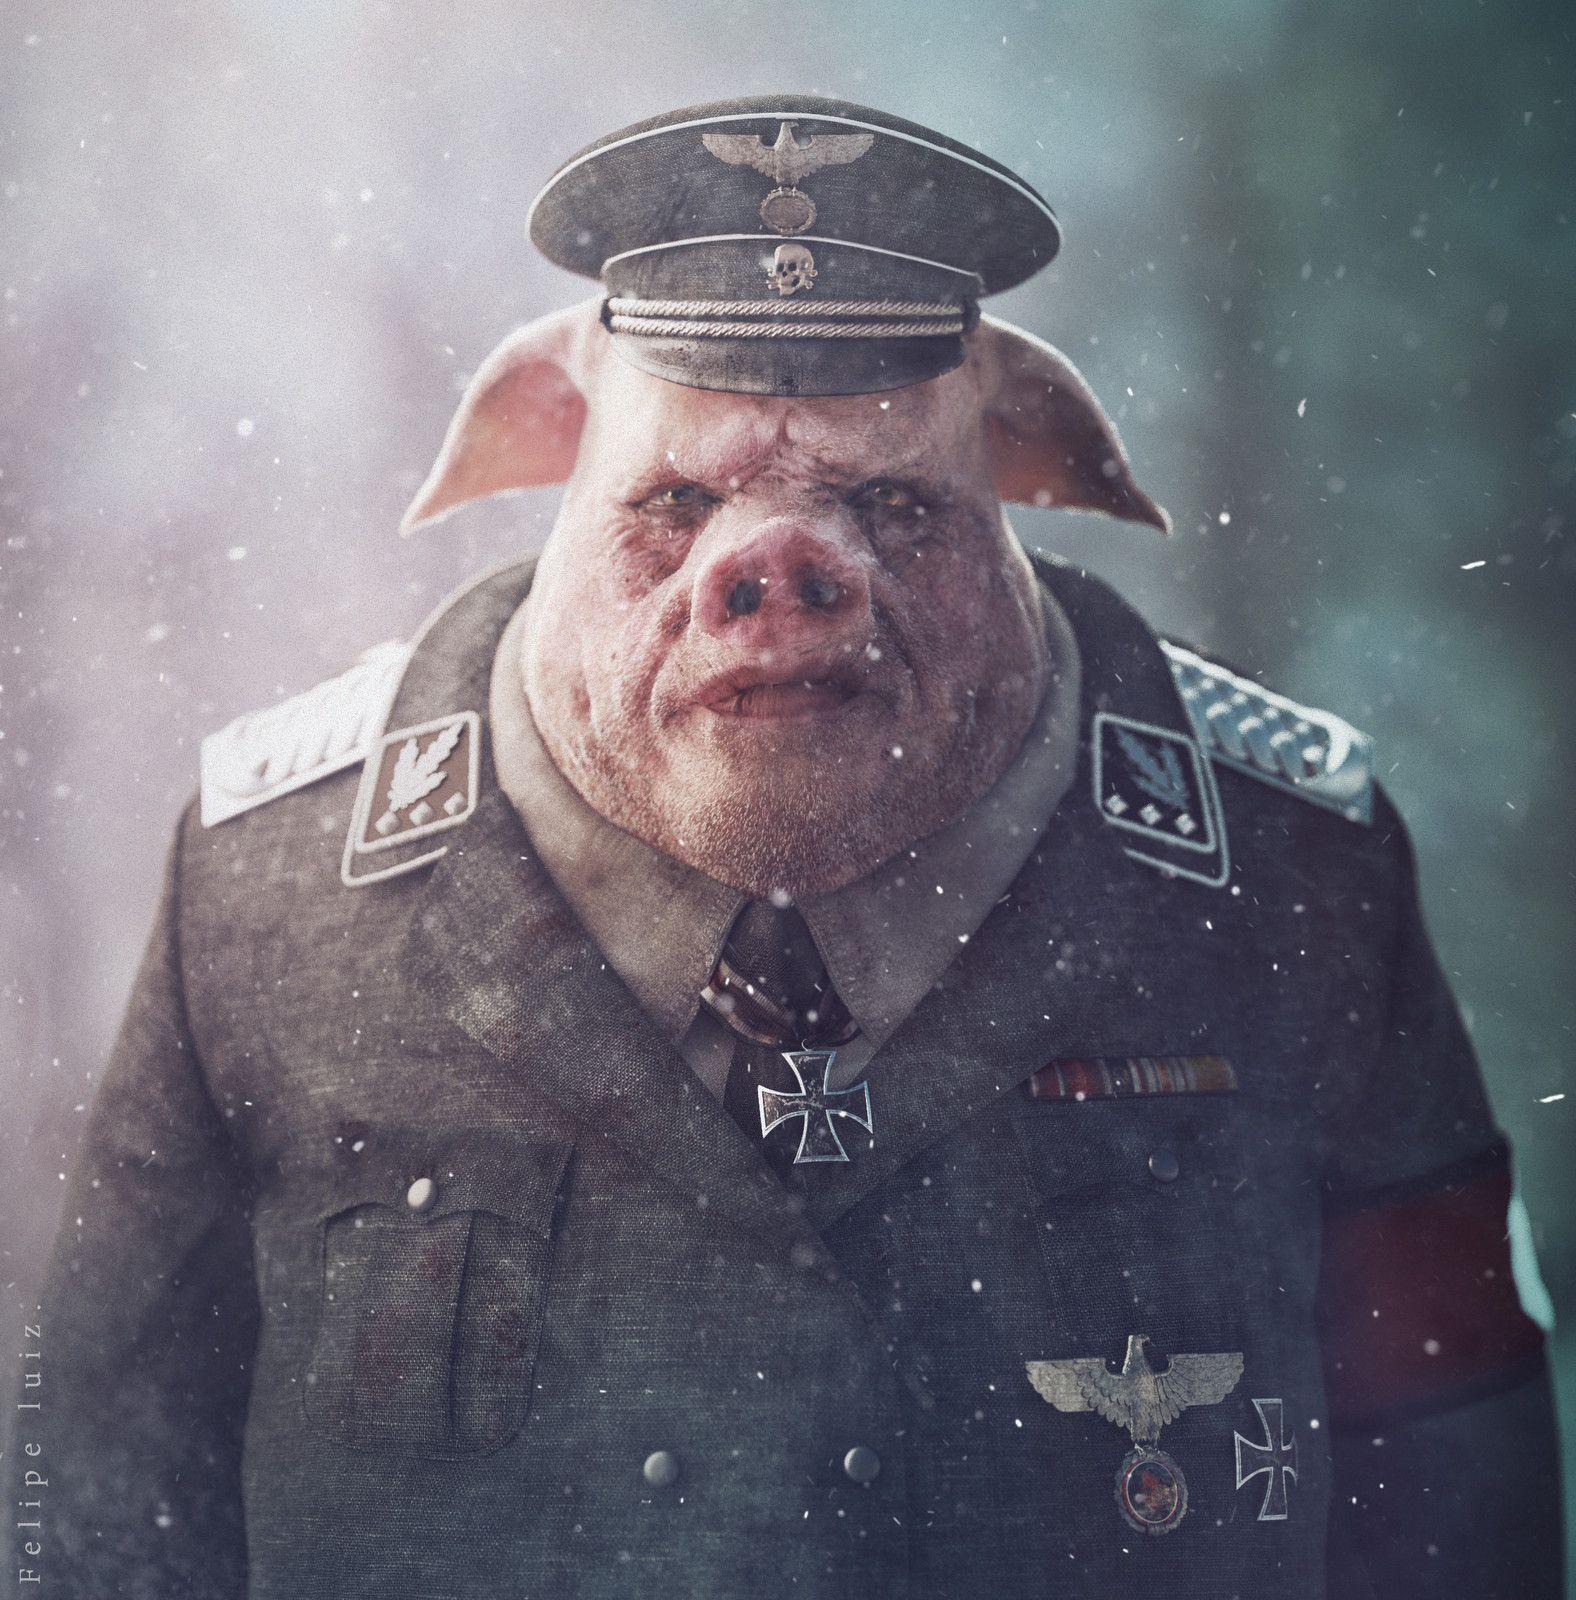 Нацист картинки смешные